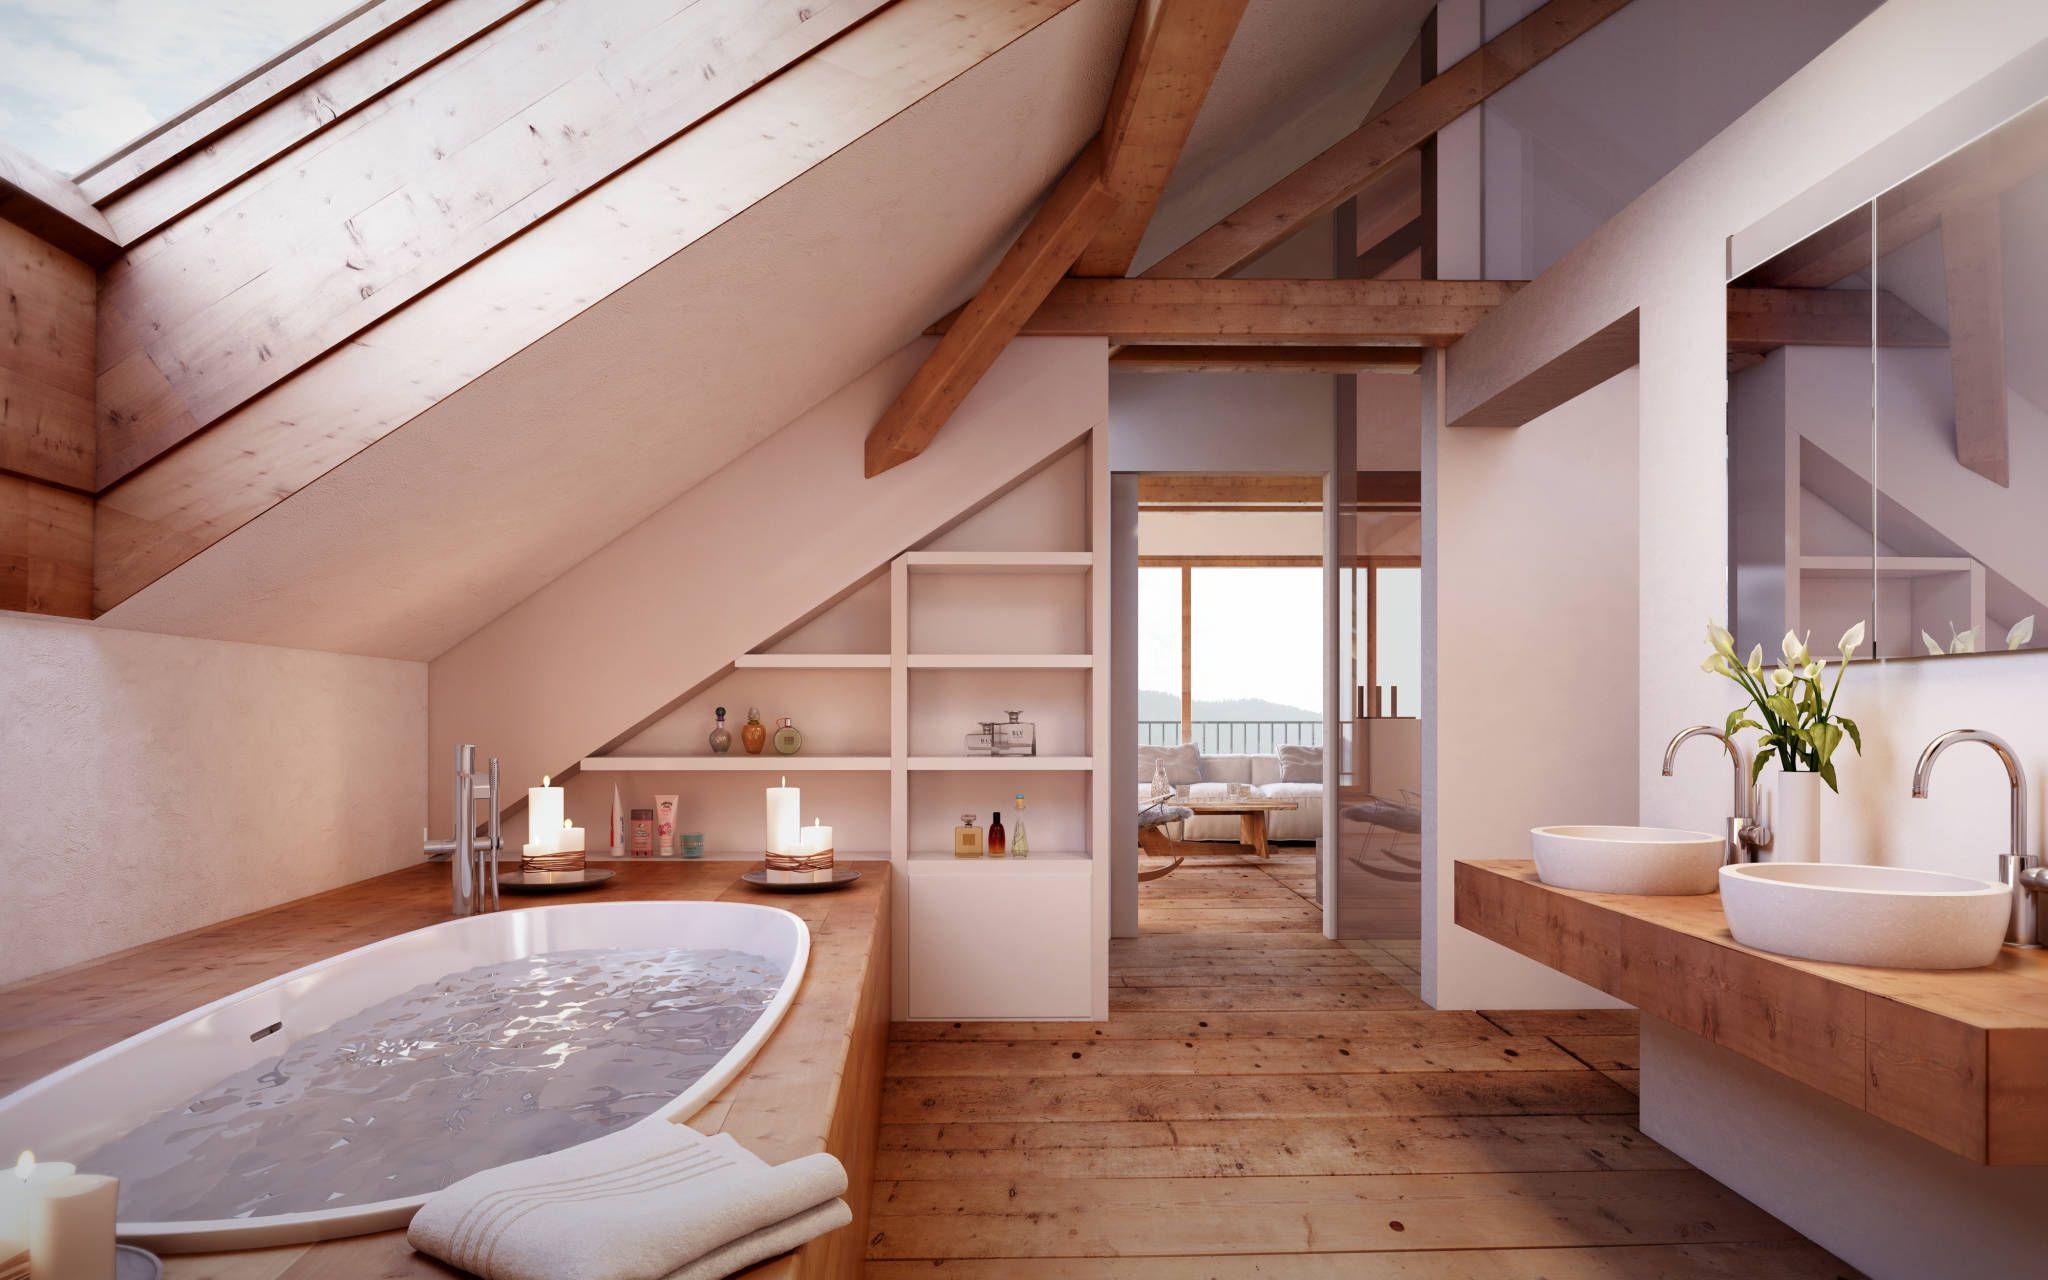 Badezimmer neubau ~ Italienische badezimmer fliesen neutralfarben atlas concorde